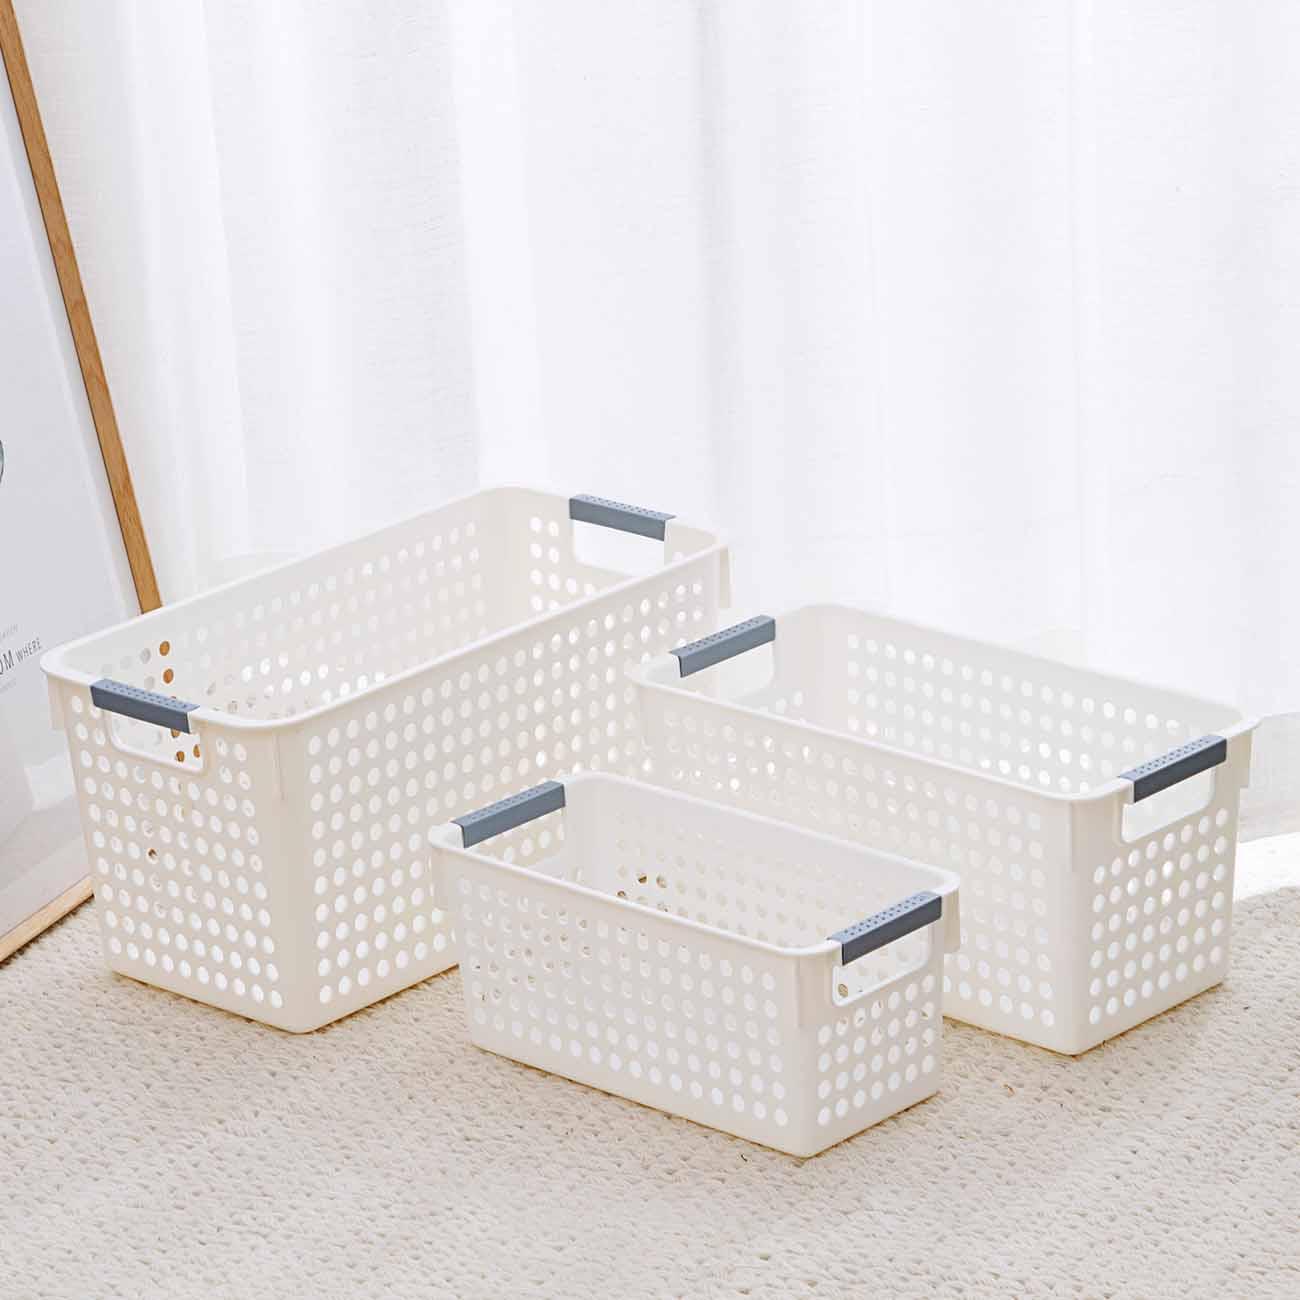 Shower Bath Basket Portable Storage Basket Makeup Organizer Snacks Toy Basket Box Case Kitchen Organizer Bathroom Accessories